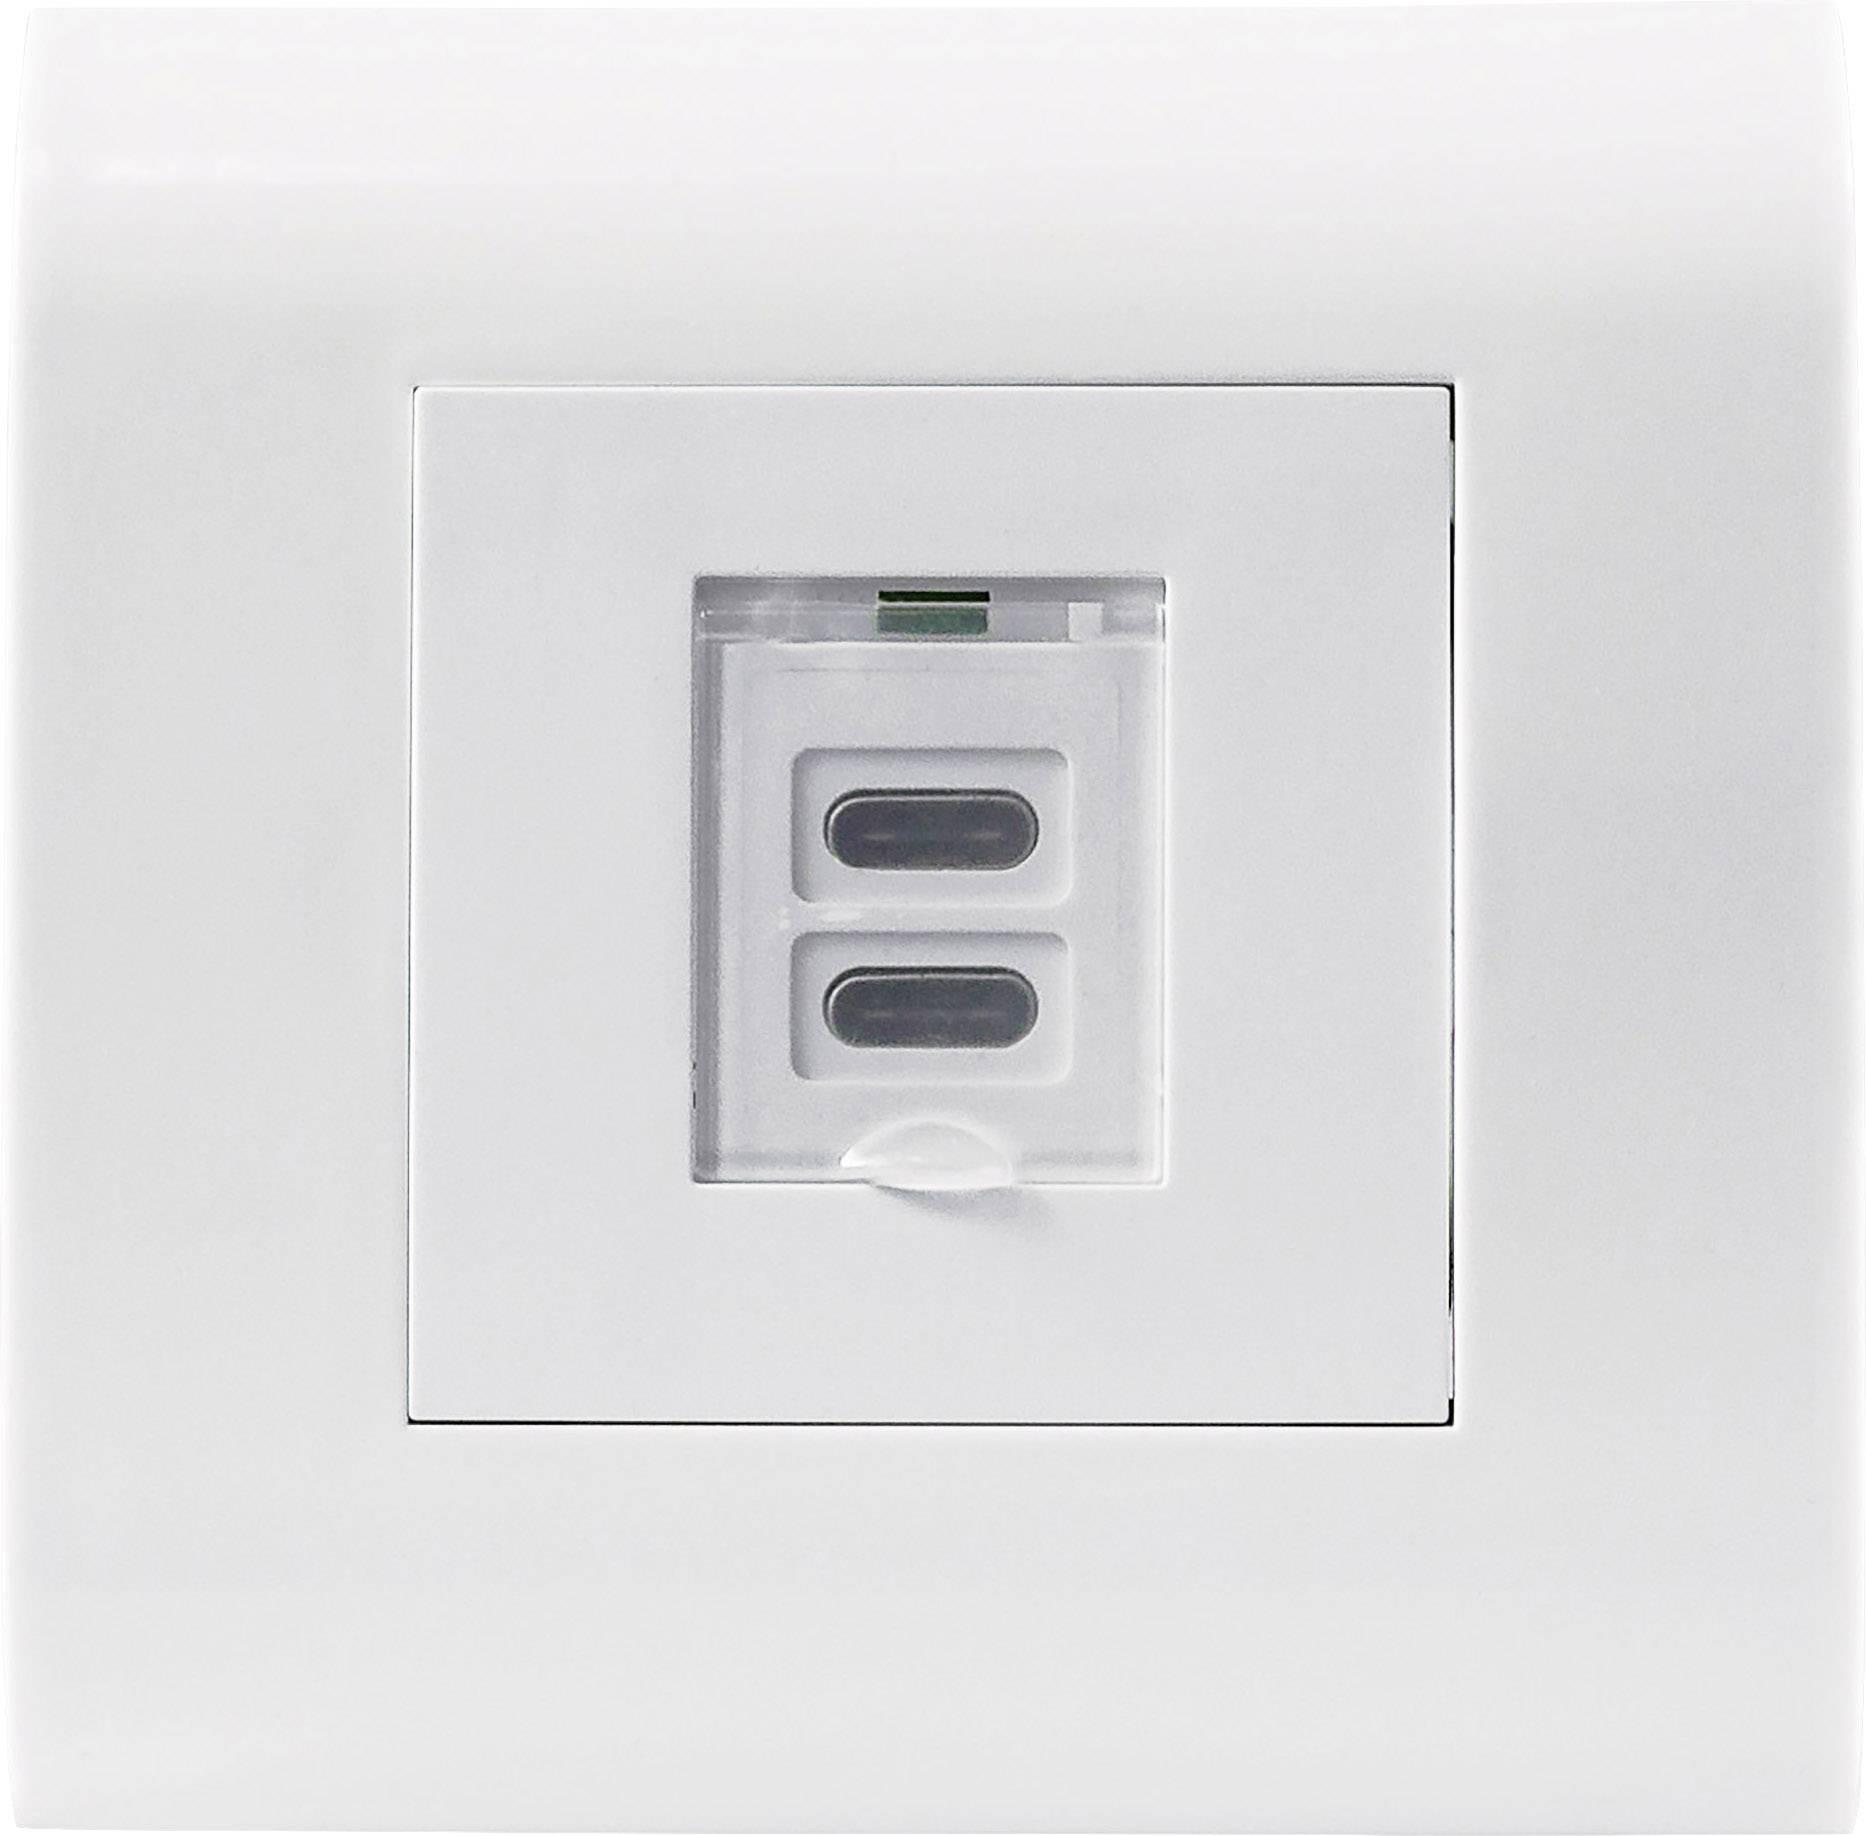 prise de courant encastrable intellinet 772235 avec usb blanc 1 pc s